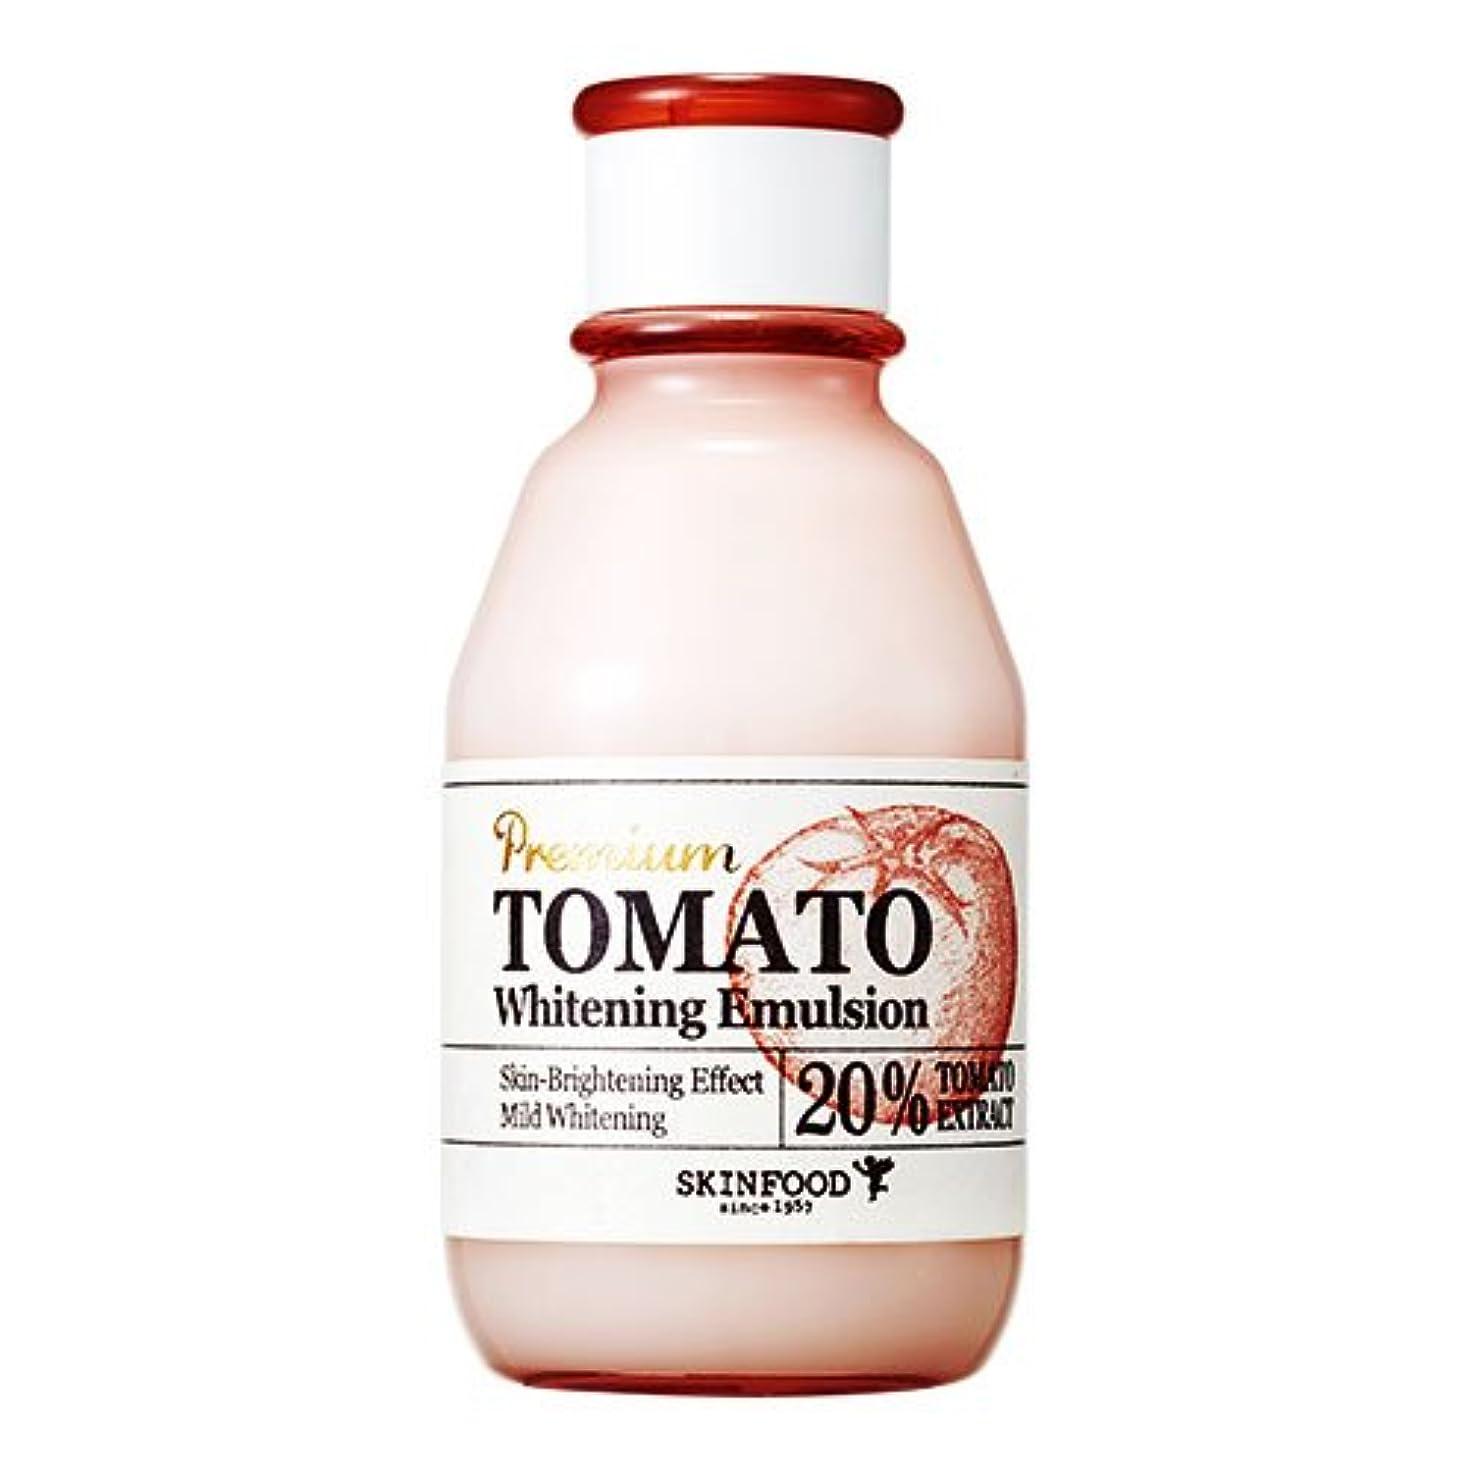 頭痛解説データム[スキンフード] SKINFOOD プレミアムトマトホワイトニングエマルジョン Premium Tomato Whitening Emulsion (海外直送品) [並行輸入品]